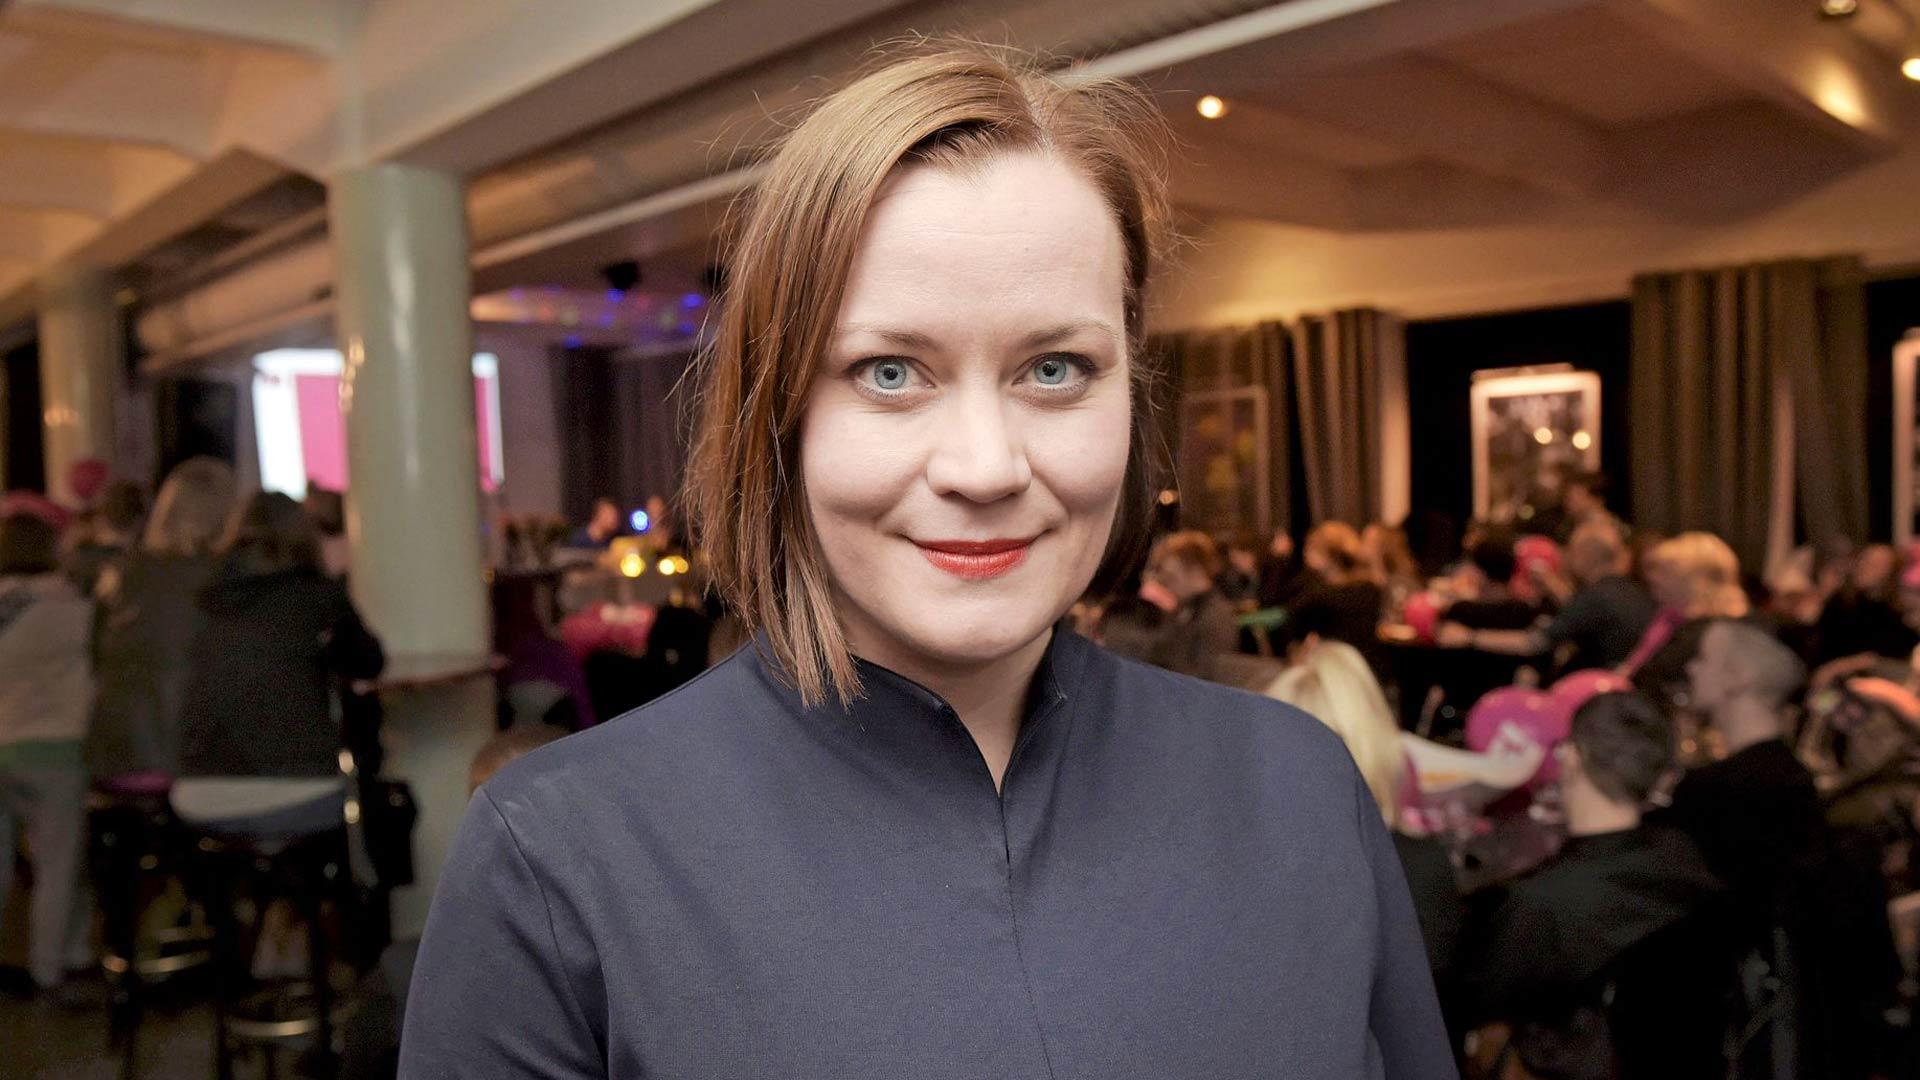 Feministisen puolueen puheenjohtaja Katju Aro ponnisti Helsingin valtuustoon kevään 2017 kuntavaaleissa. Nyt valtuustopaikkoja toivotaan lisää suurissa kaupungeissa.